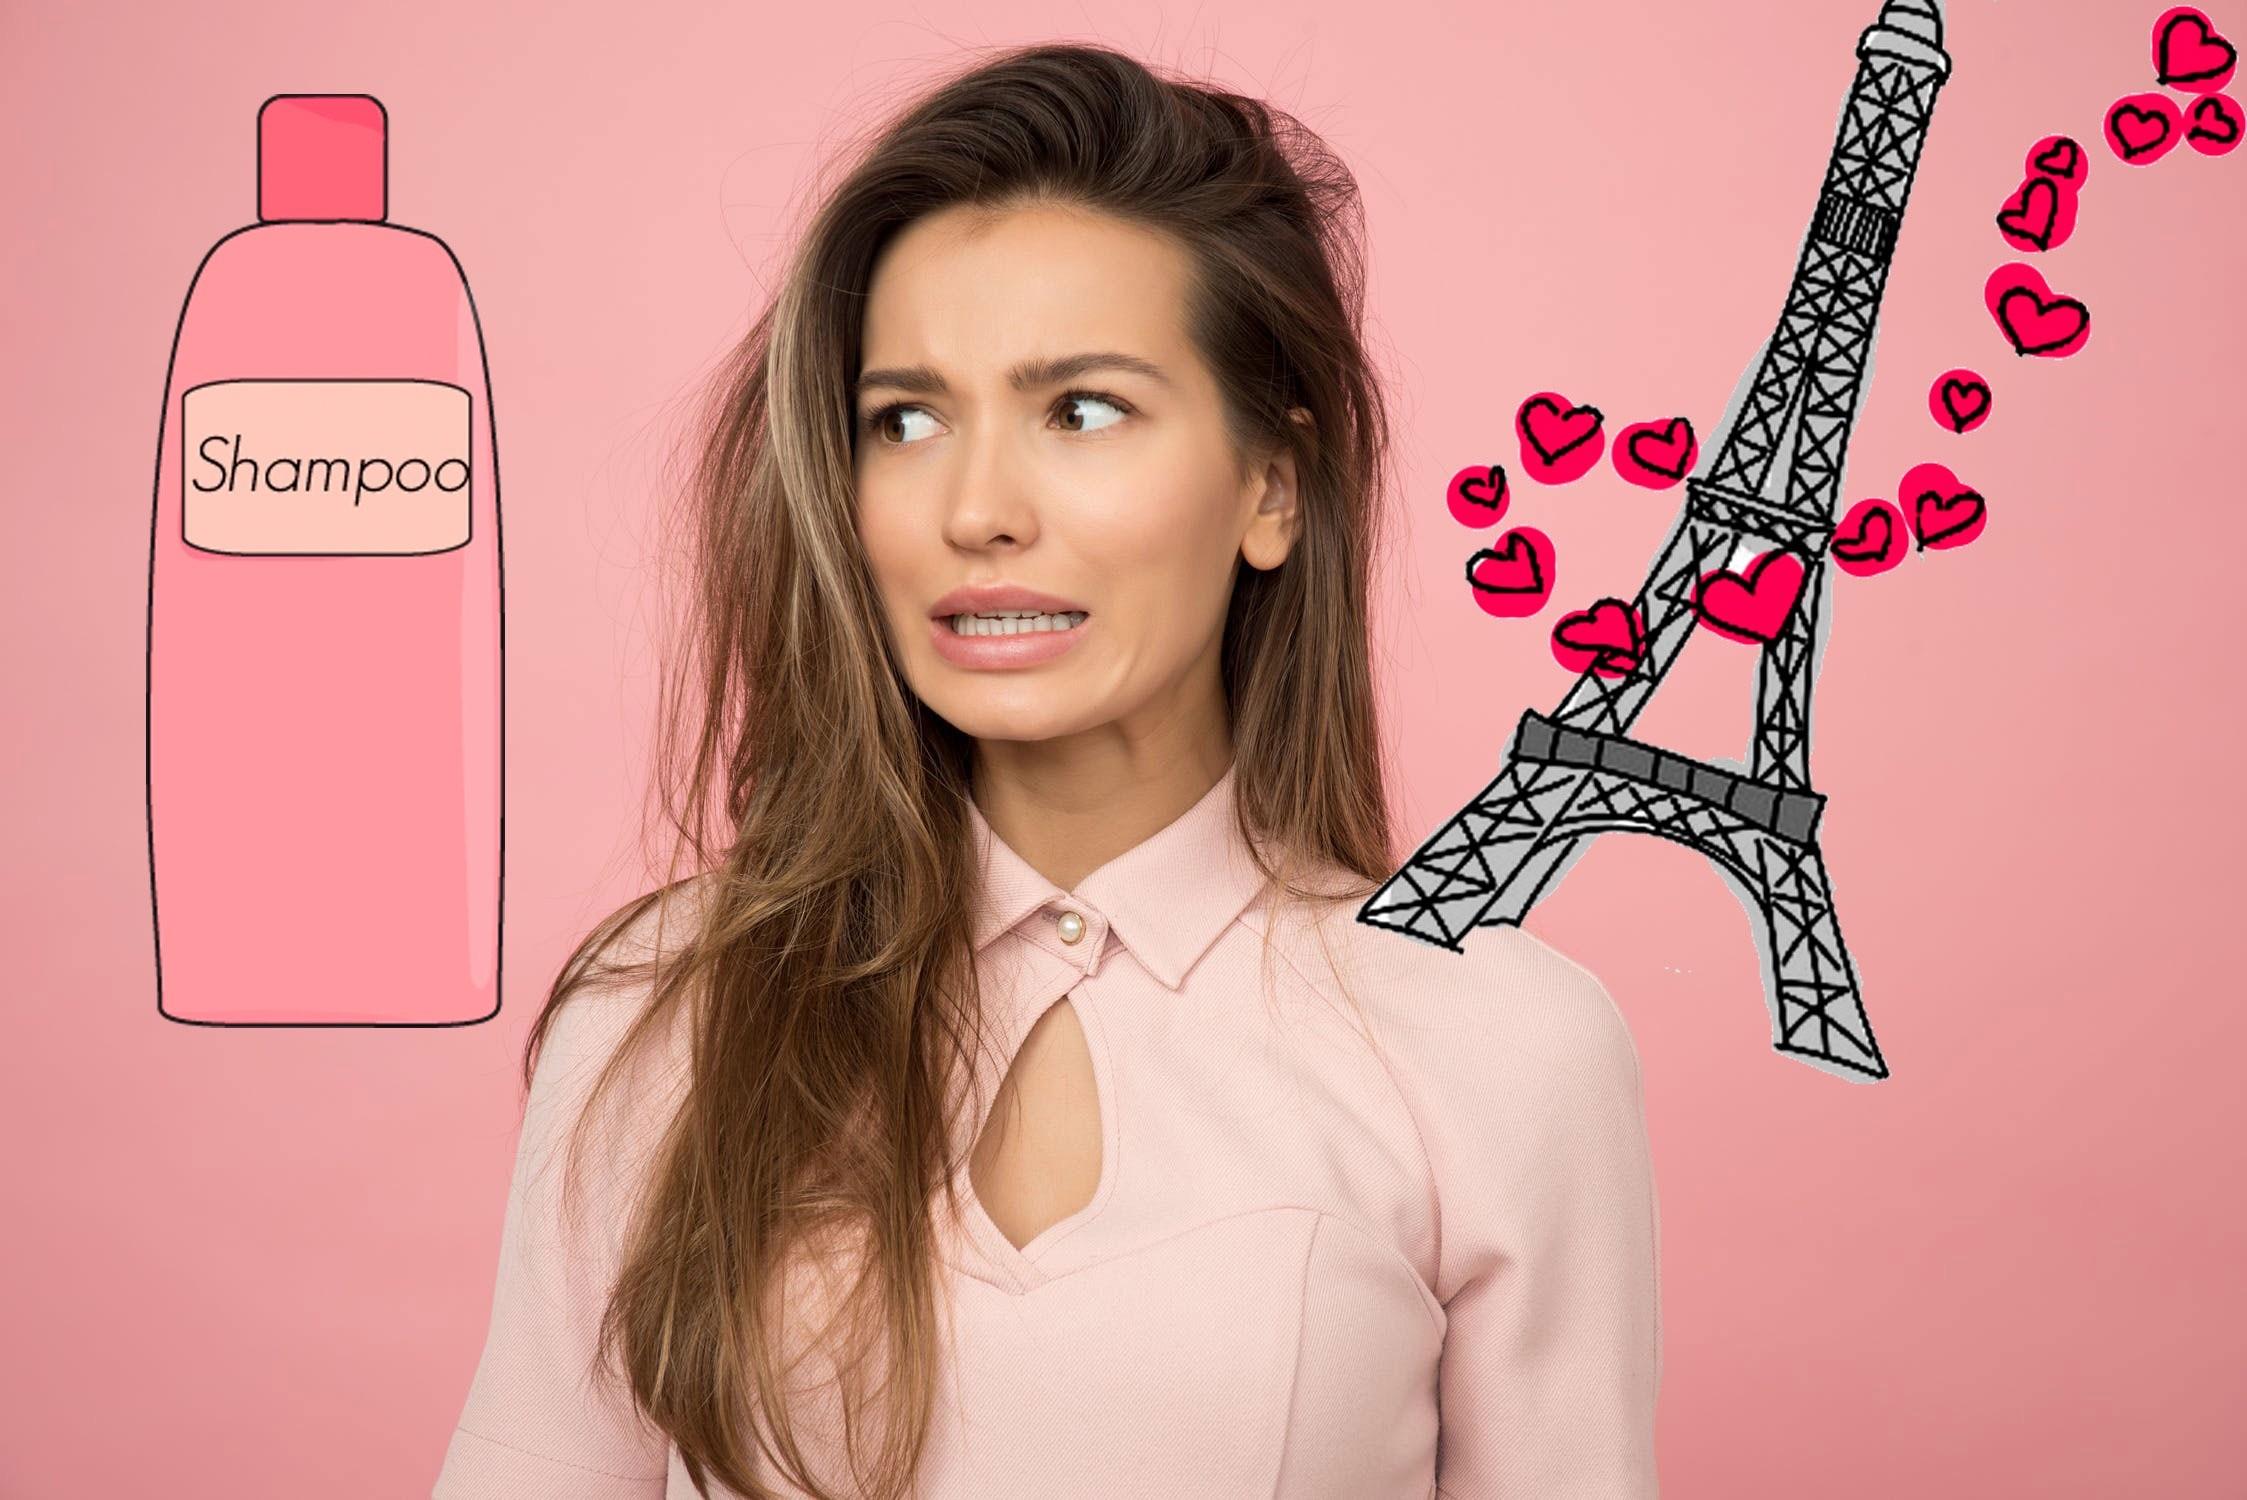 5 способов, как сэкономить на шампунях 12 тысяч рублей и отправиться в Париж